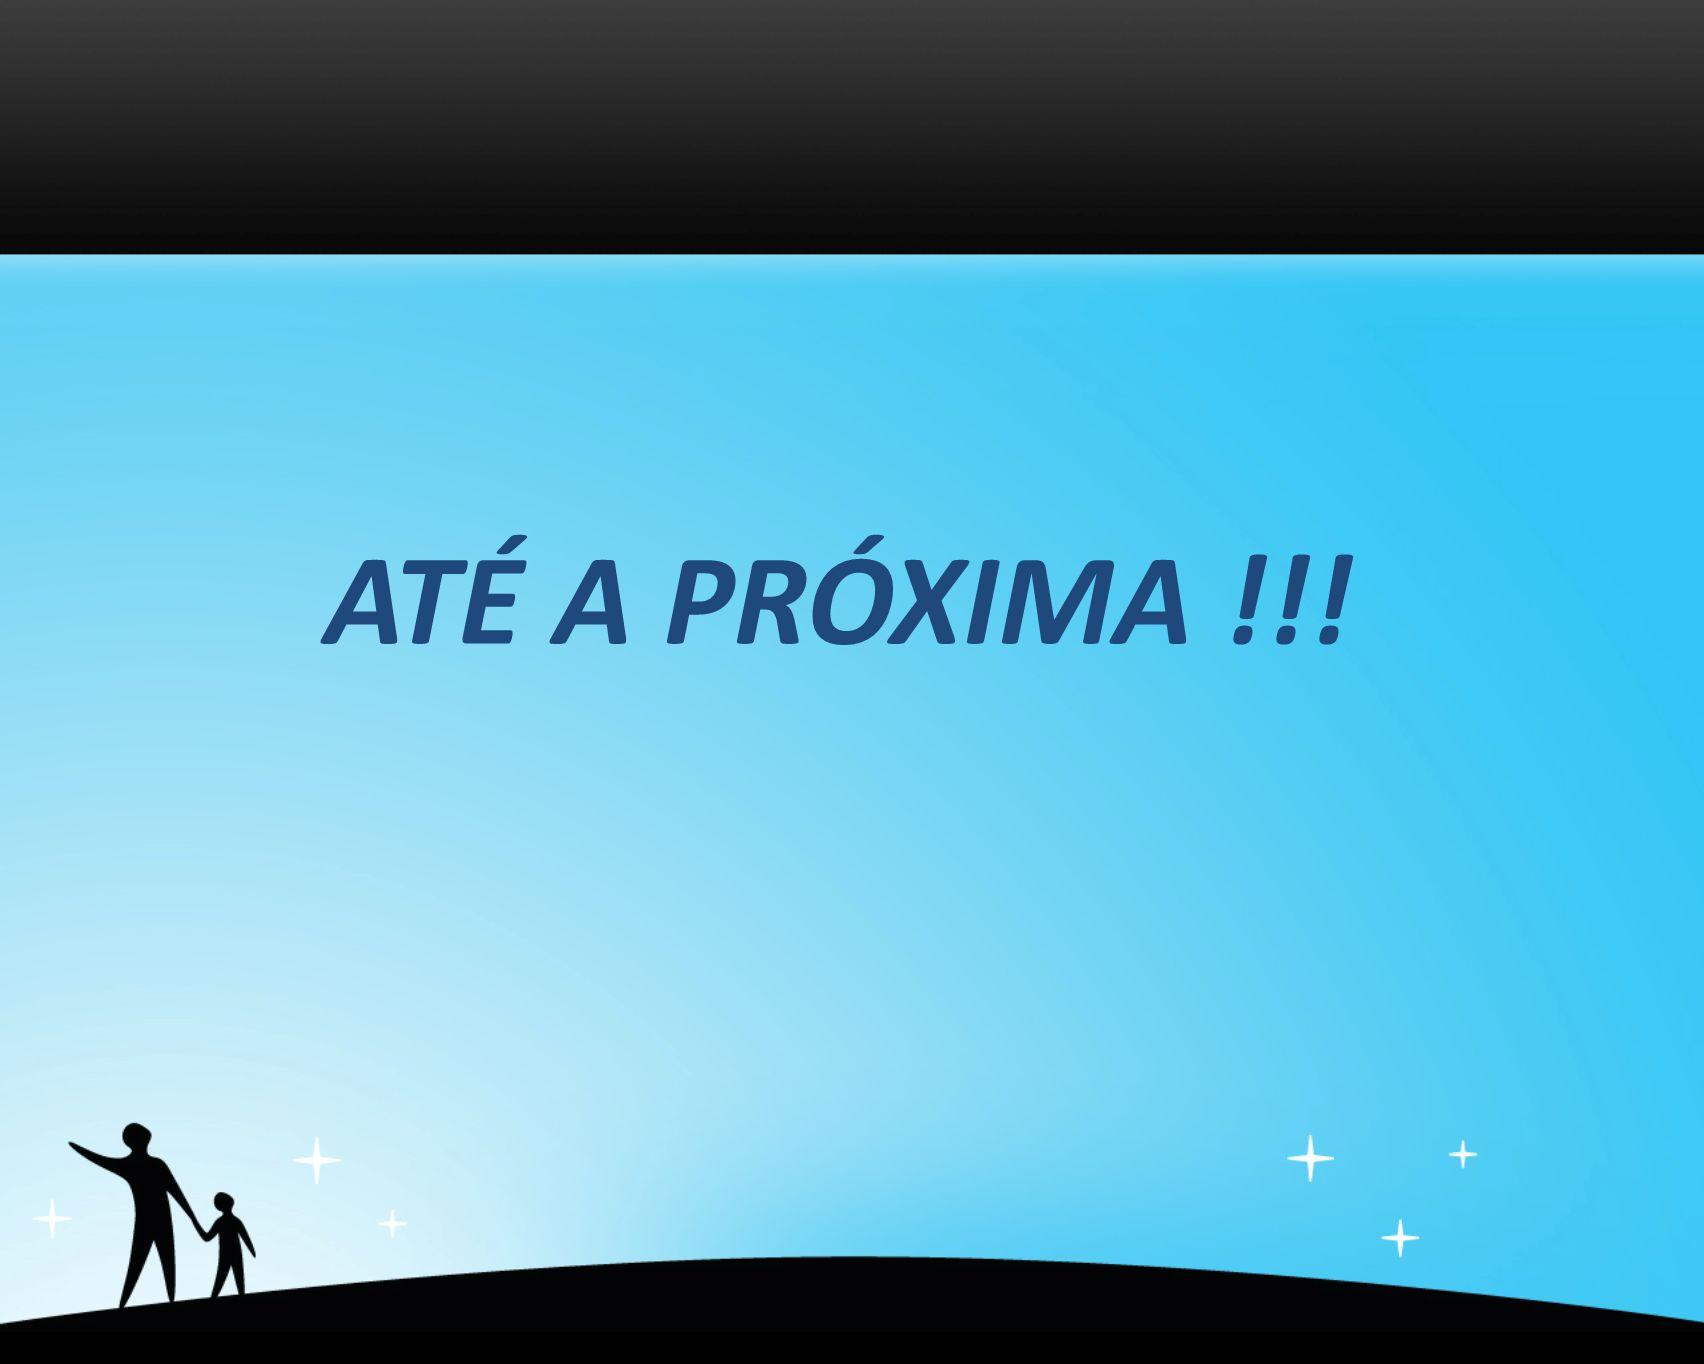 ATÉ A PRÓXIMA !!!